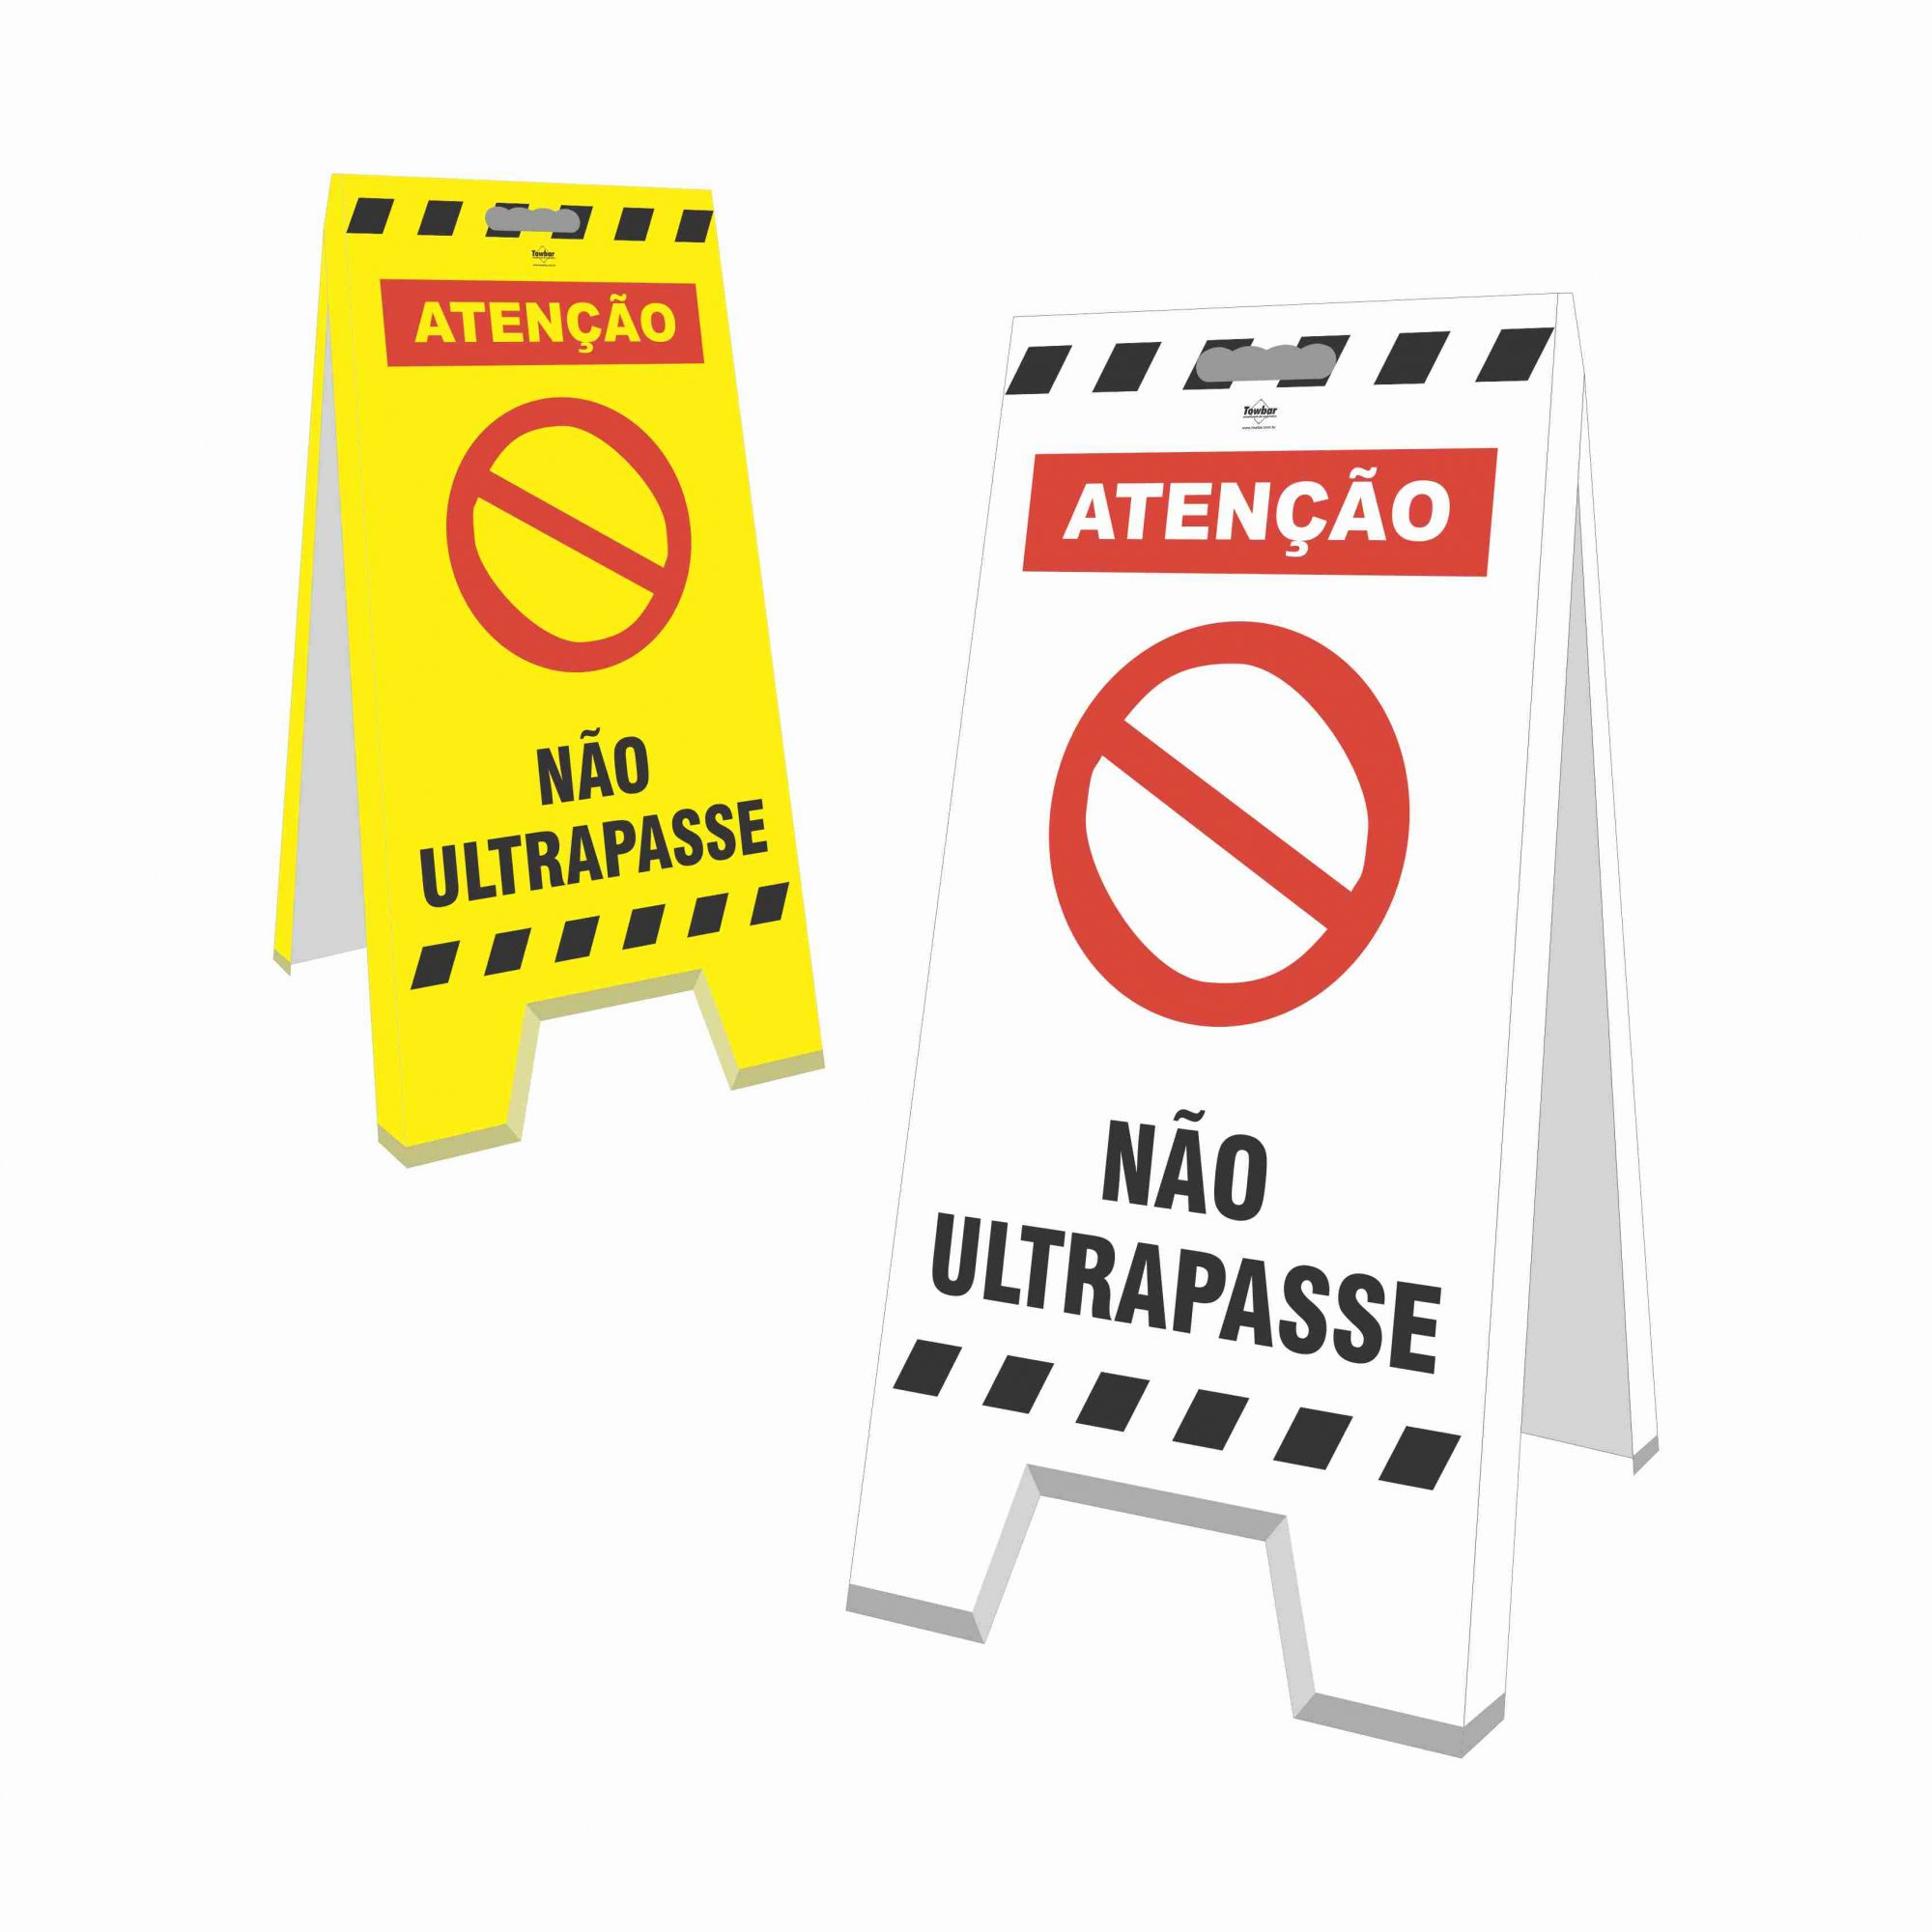 Cavalete - Não ultrapasse  - Towbar Sinalização de Segurança